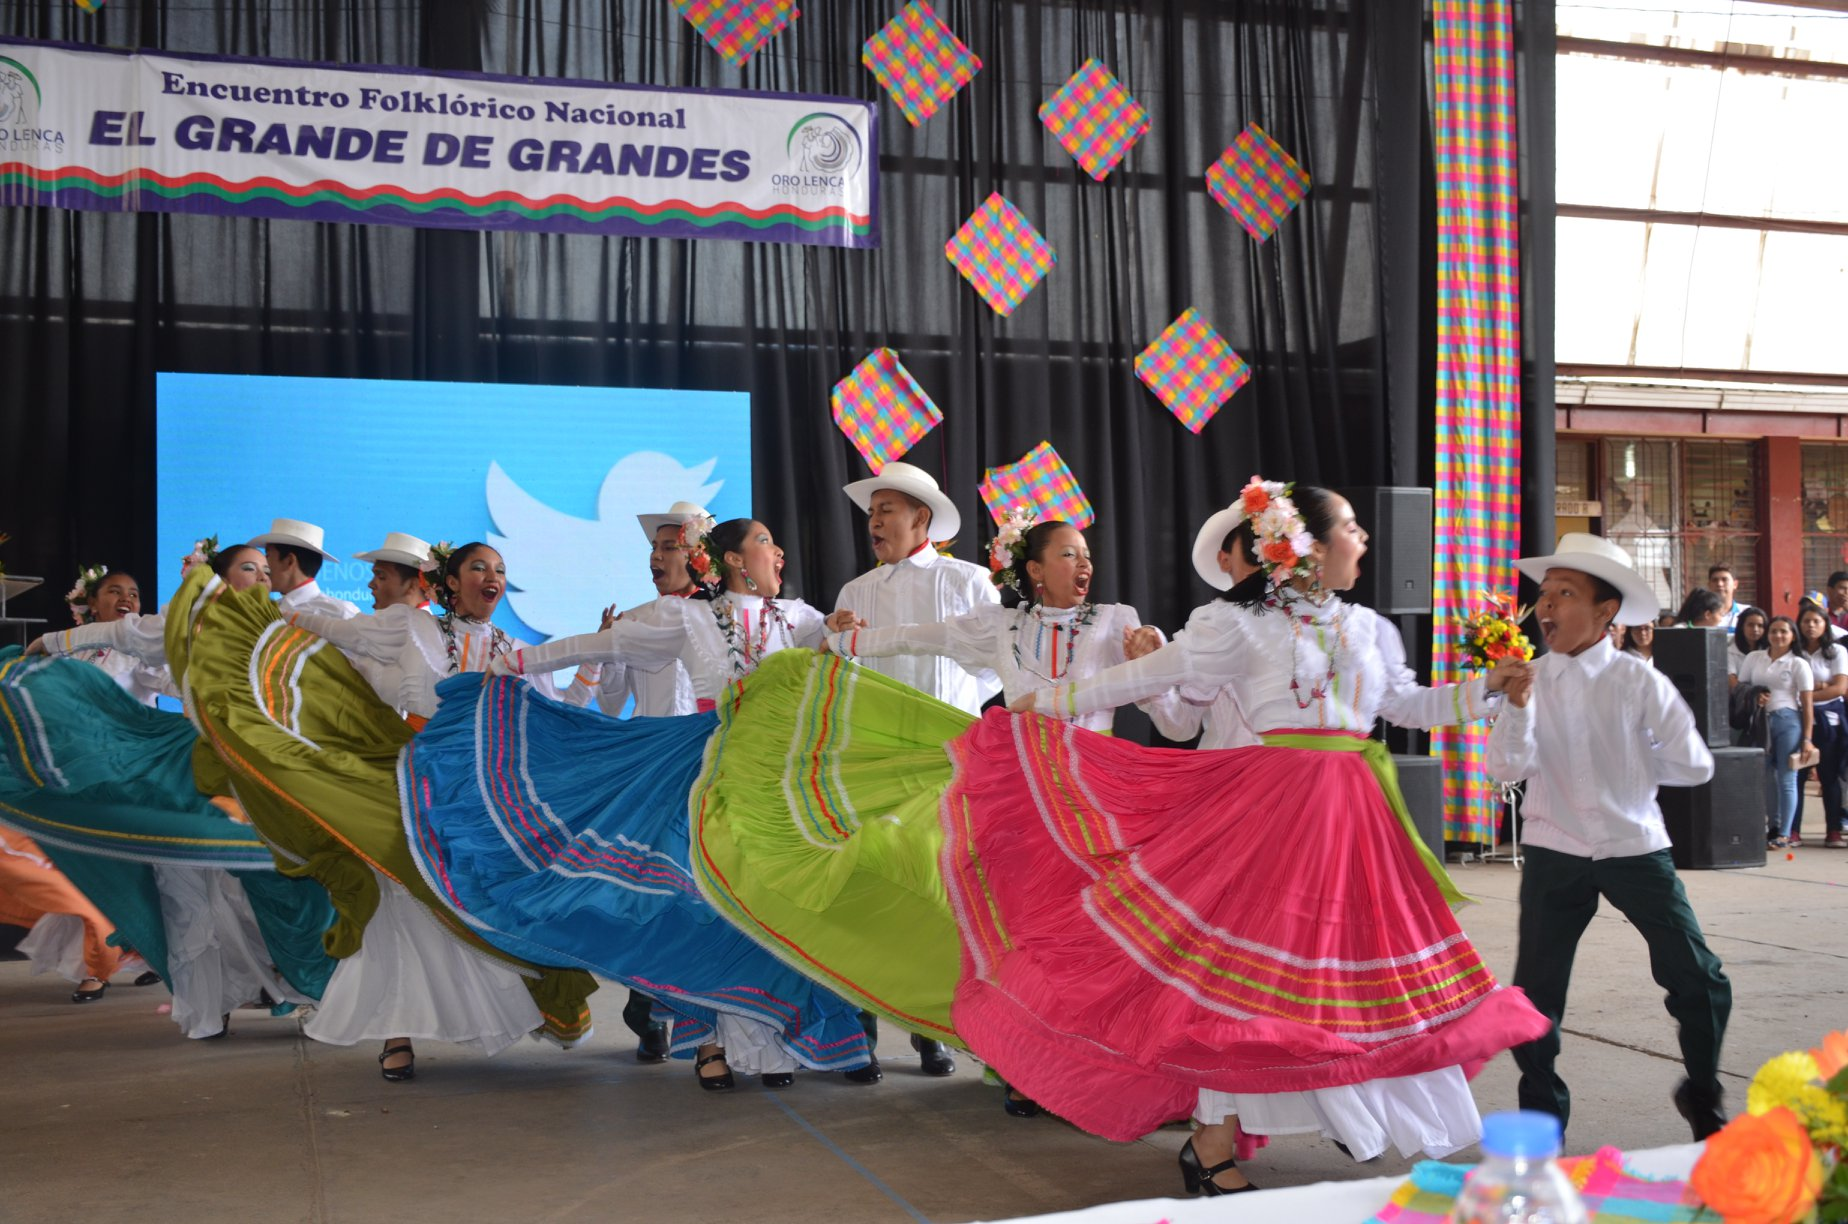 Bailarines del Instituto Marista La Inmaculada en El Grande de Grandes VIII 2018